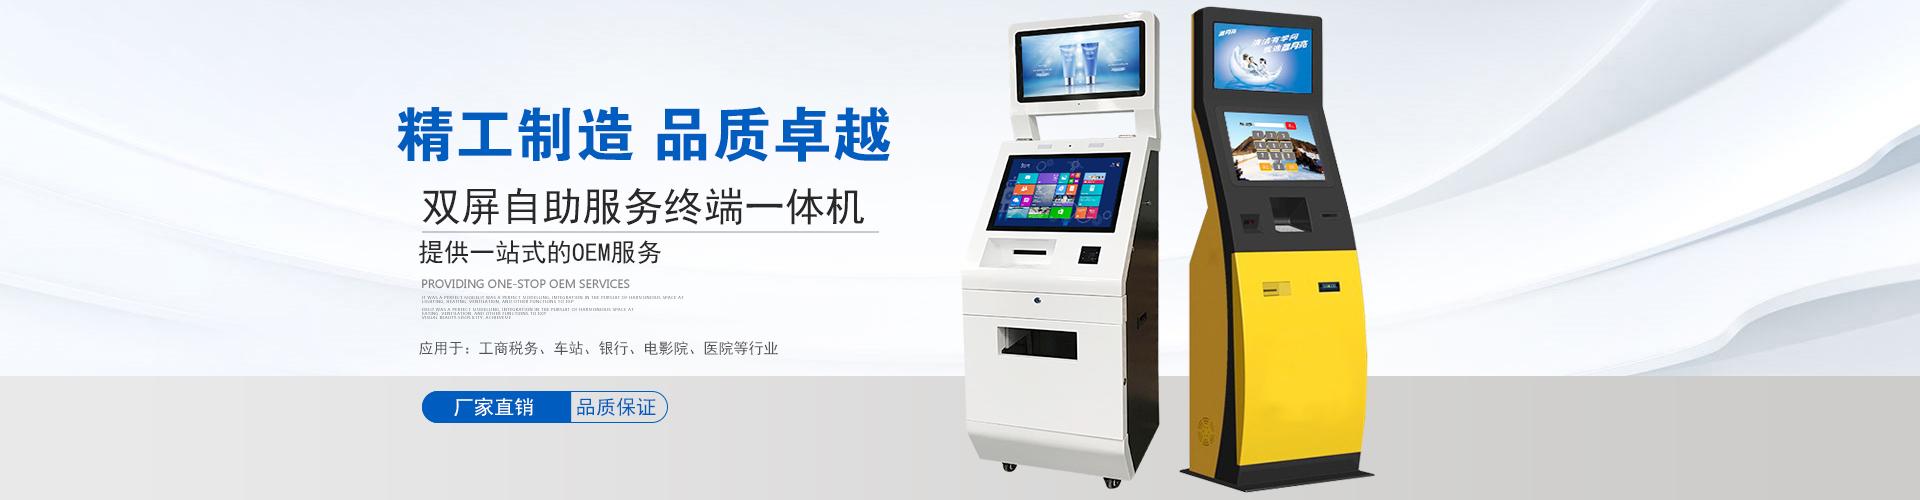 广州广告机